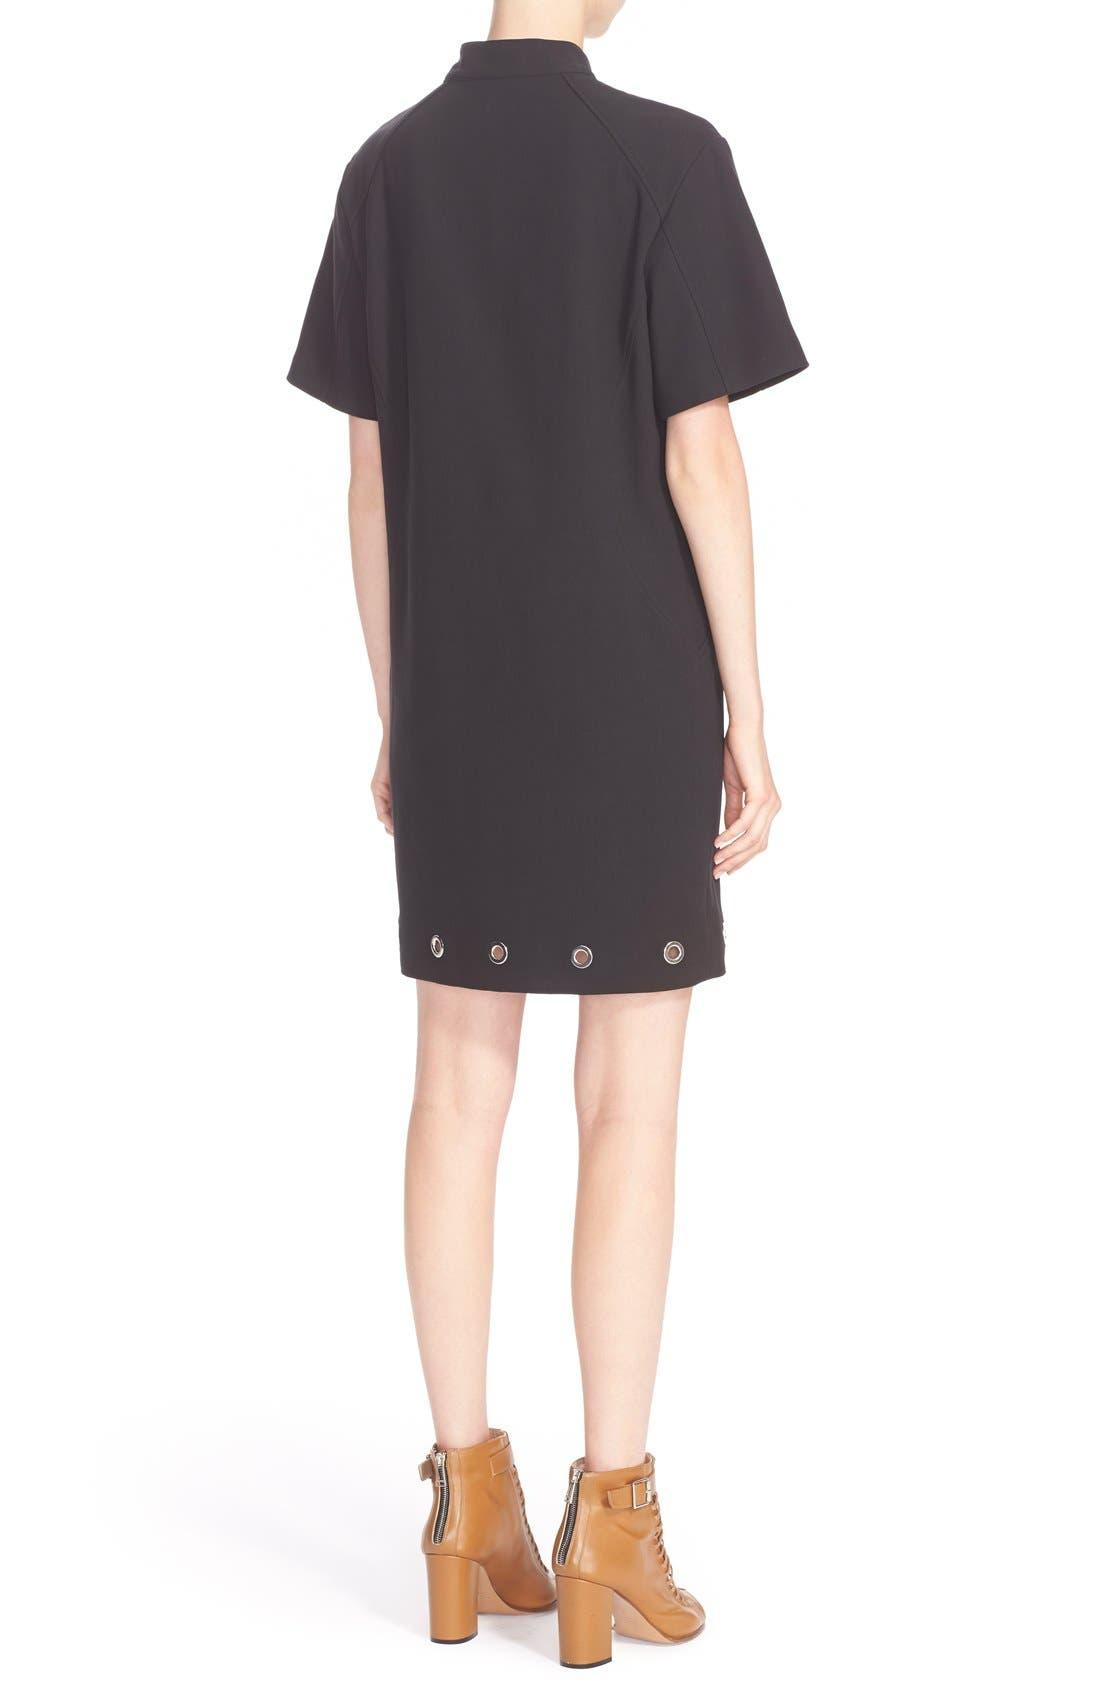 BELSTAFF, Grommet Detail Stretch Cotton Shift Dress, Alternate thumbnail 5, color, 001